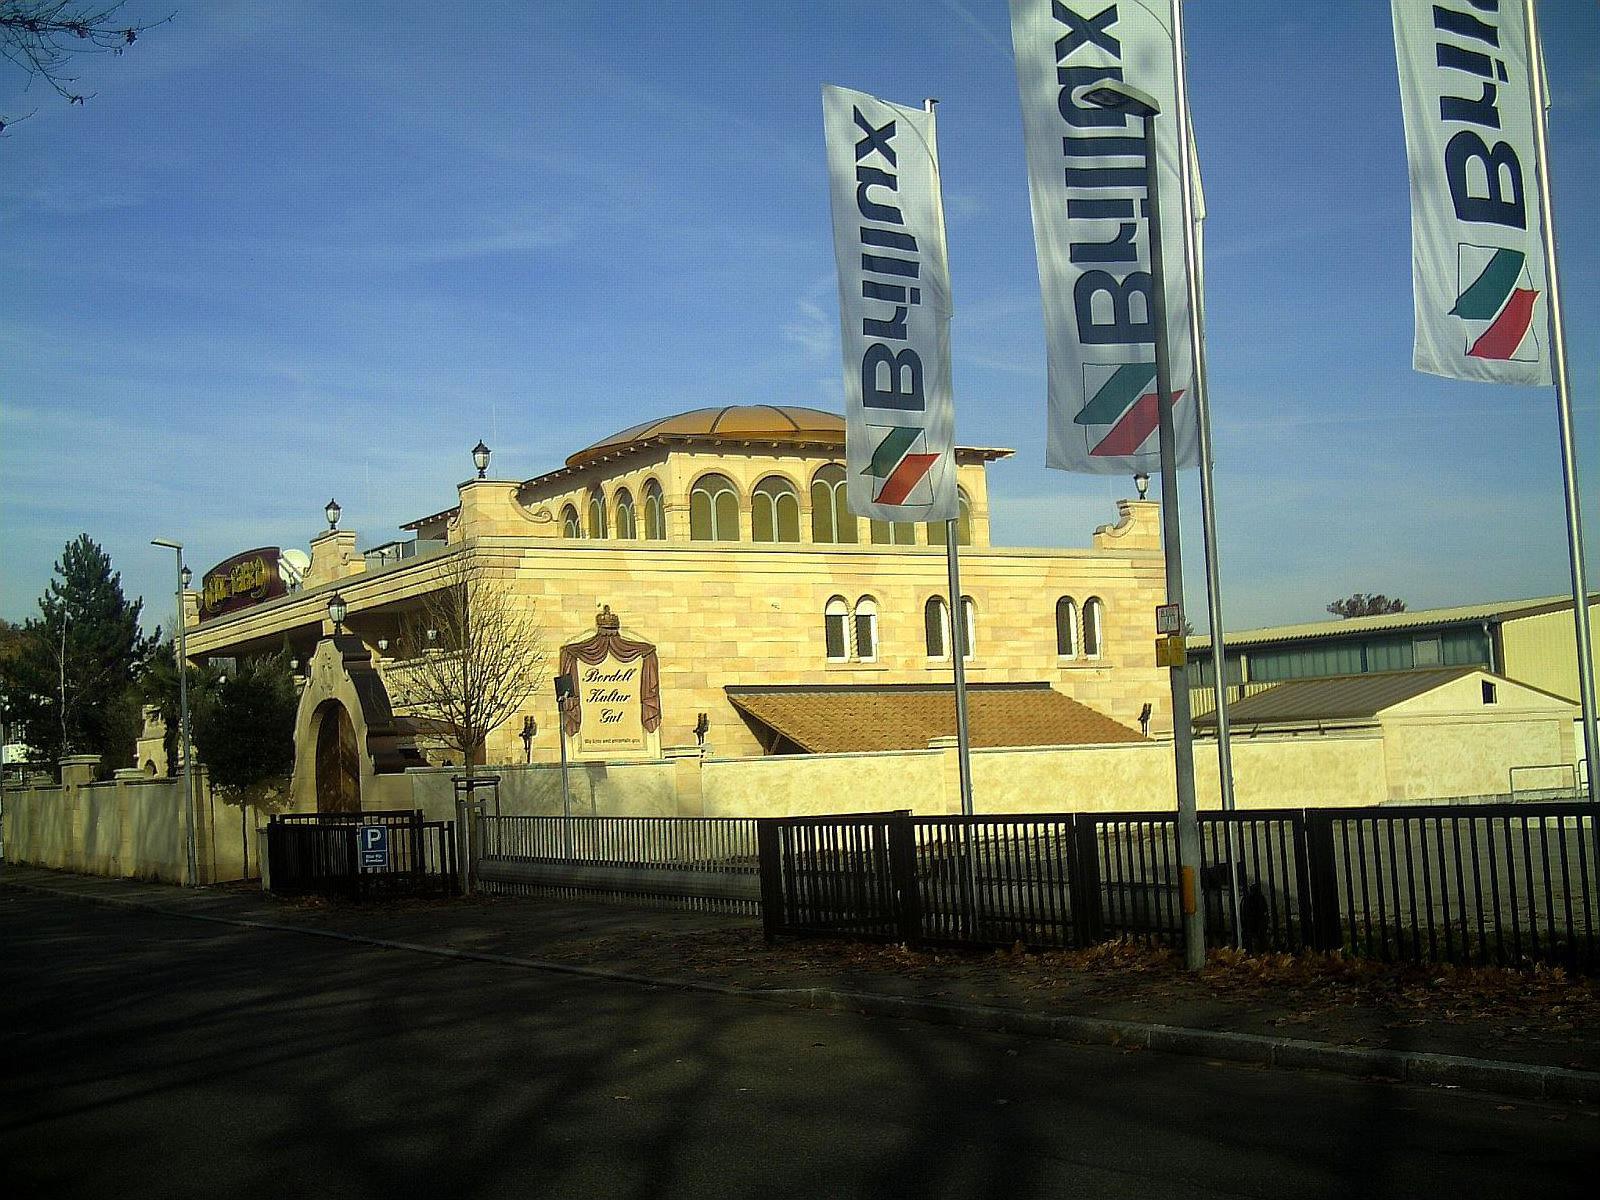 File:FKK Palast, Tullastraße 79, Freiburg - panoramio.jpg